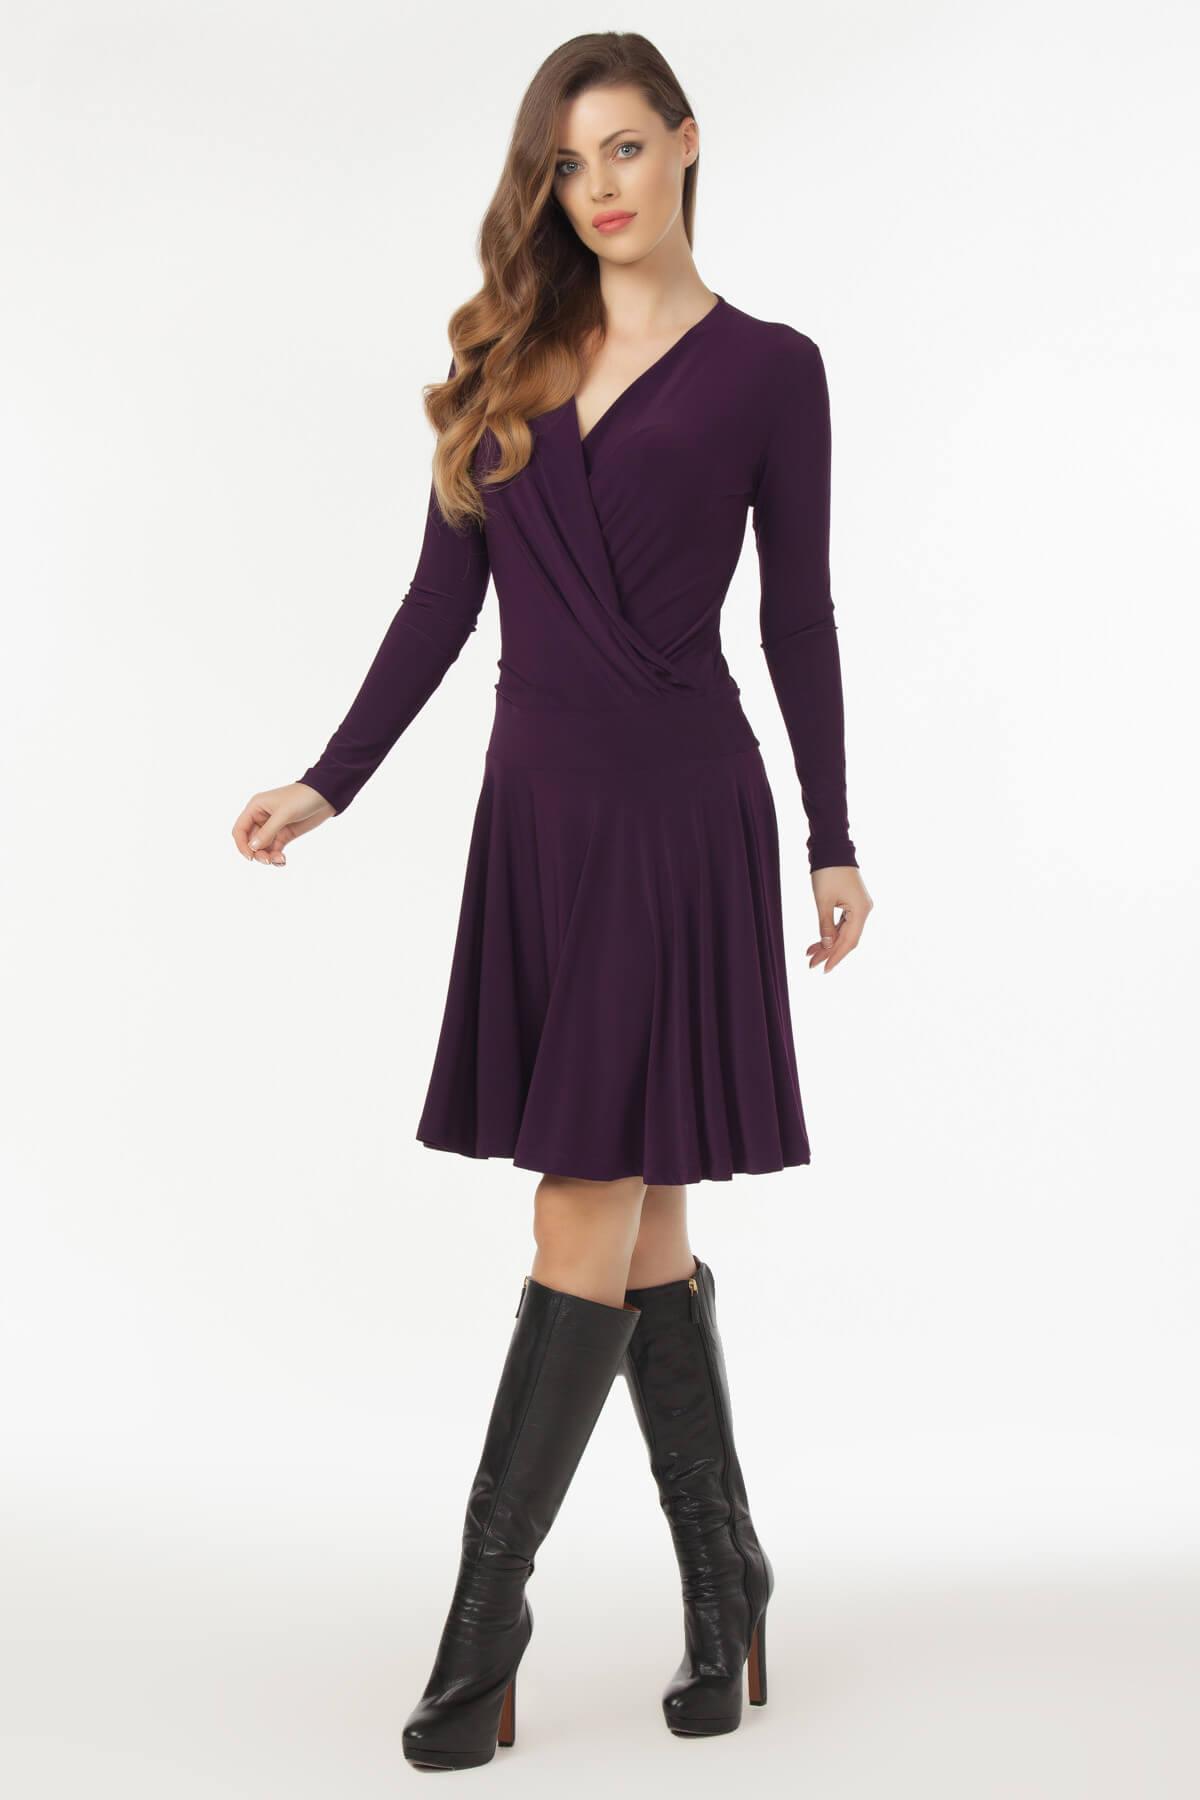 Laranor Kadın Mürdüm Kruvaze Yaka Elbise 19L6440 2